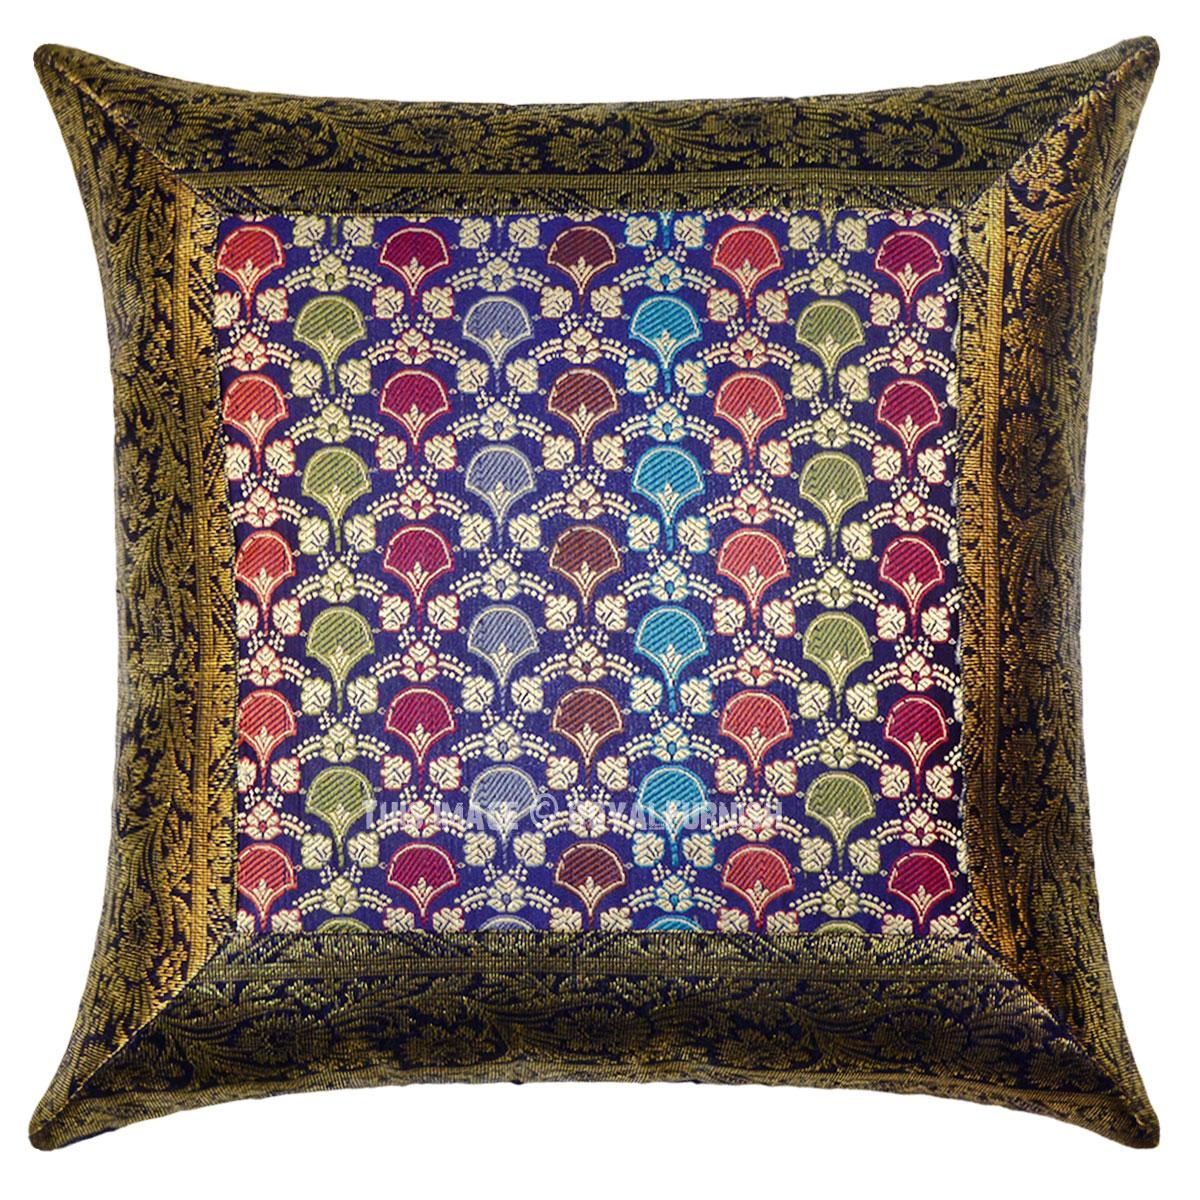 Blue Indian Floral Silk Brocade Toss Pillow Case